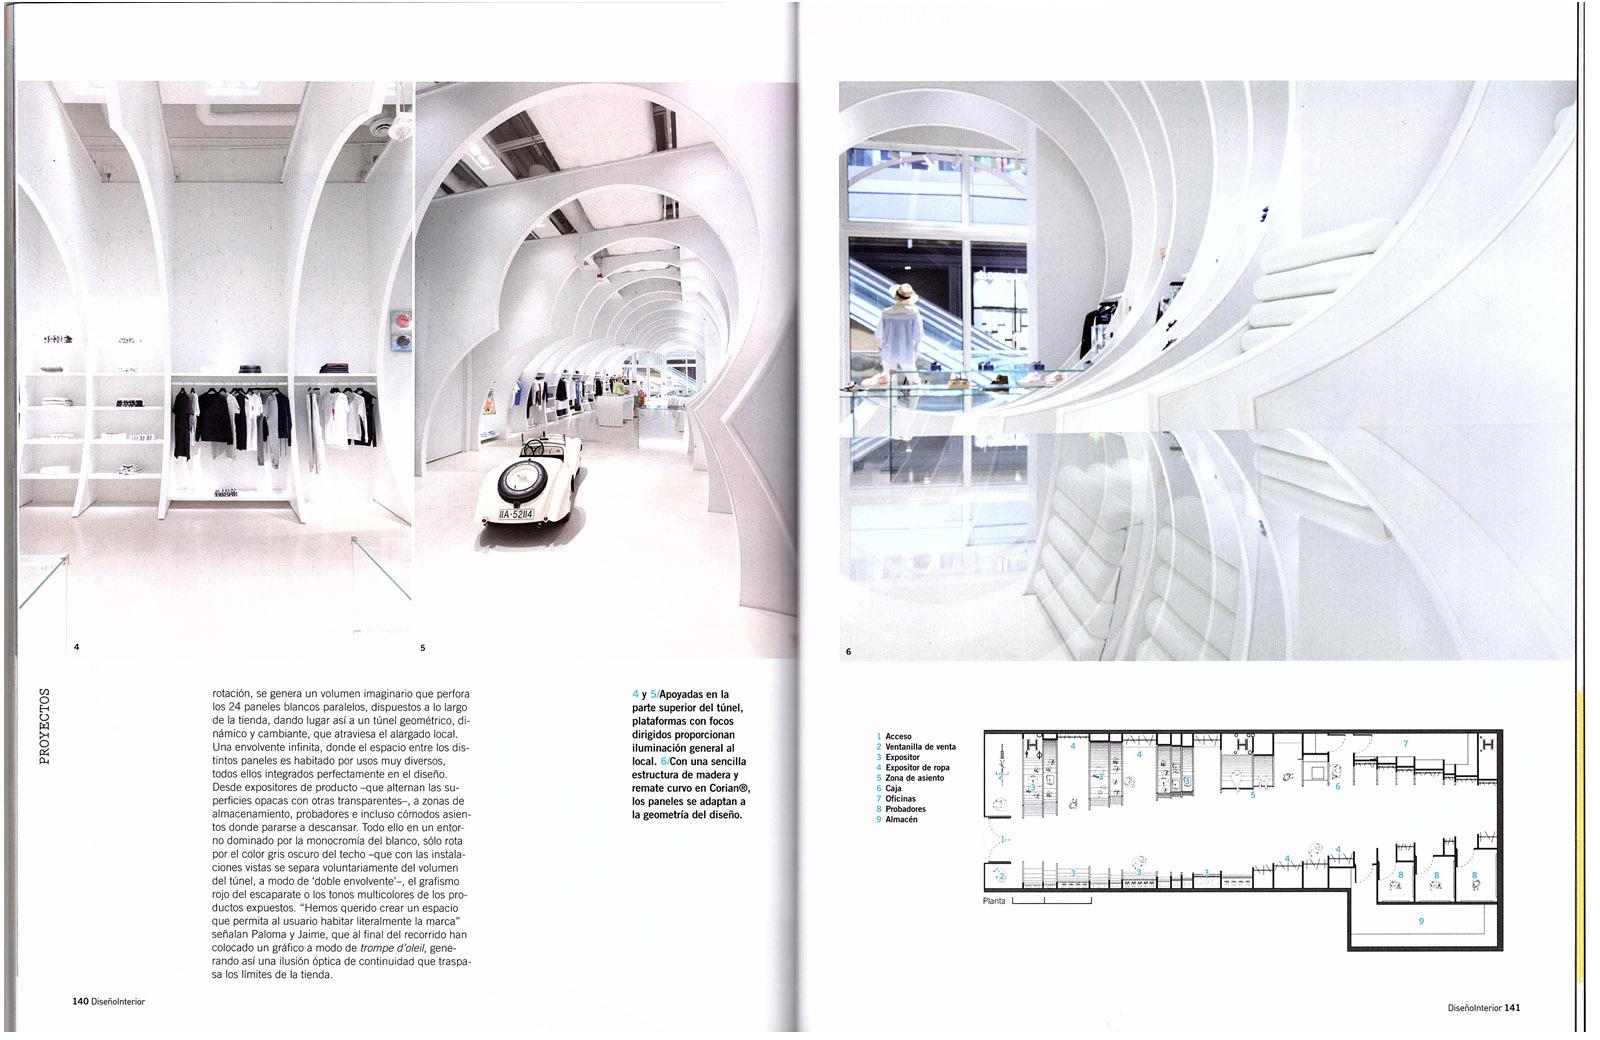 diseno-interior_miami-concept-store_03